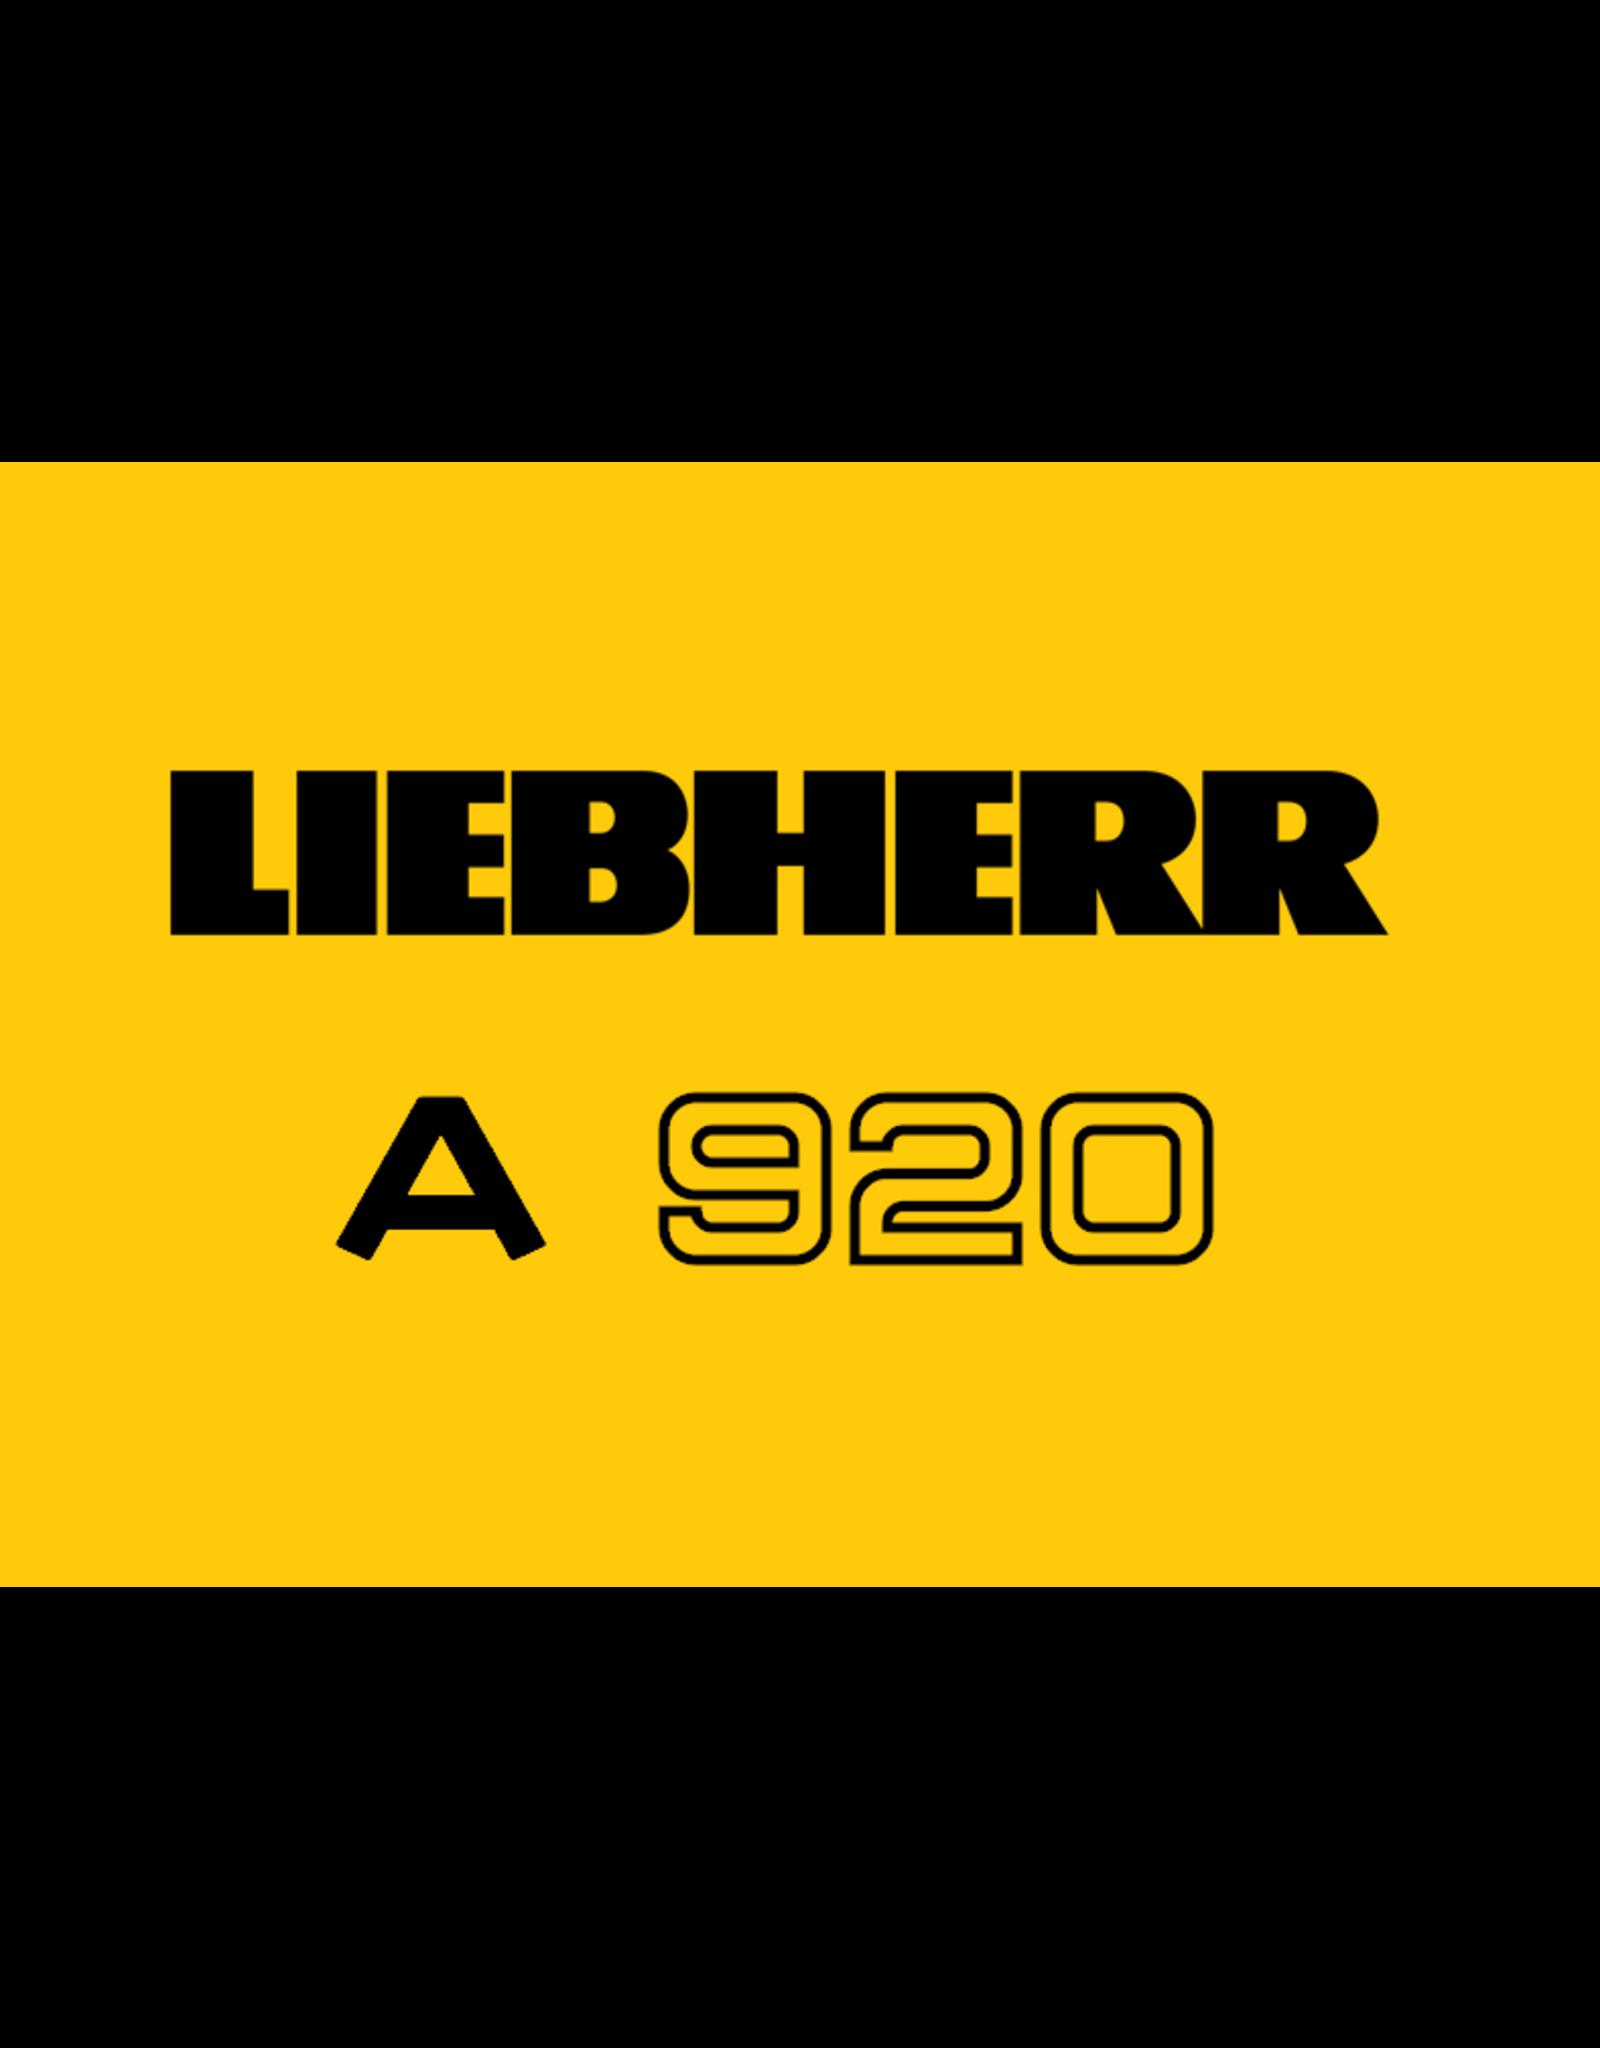 Echle Hartstahl GmbH FOPS für Liebherr A 920